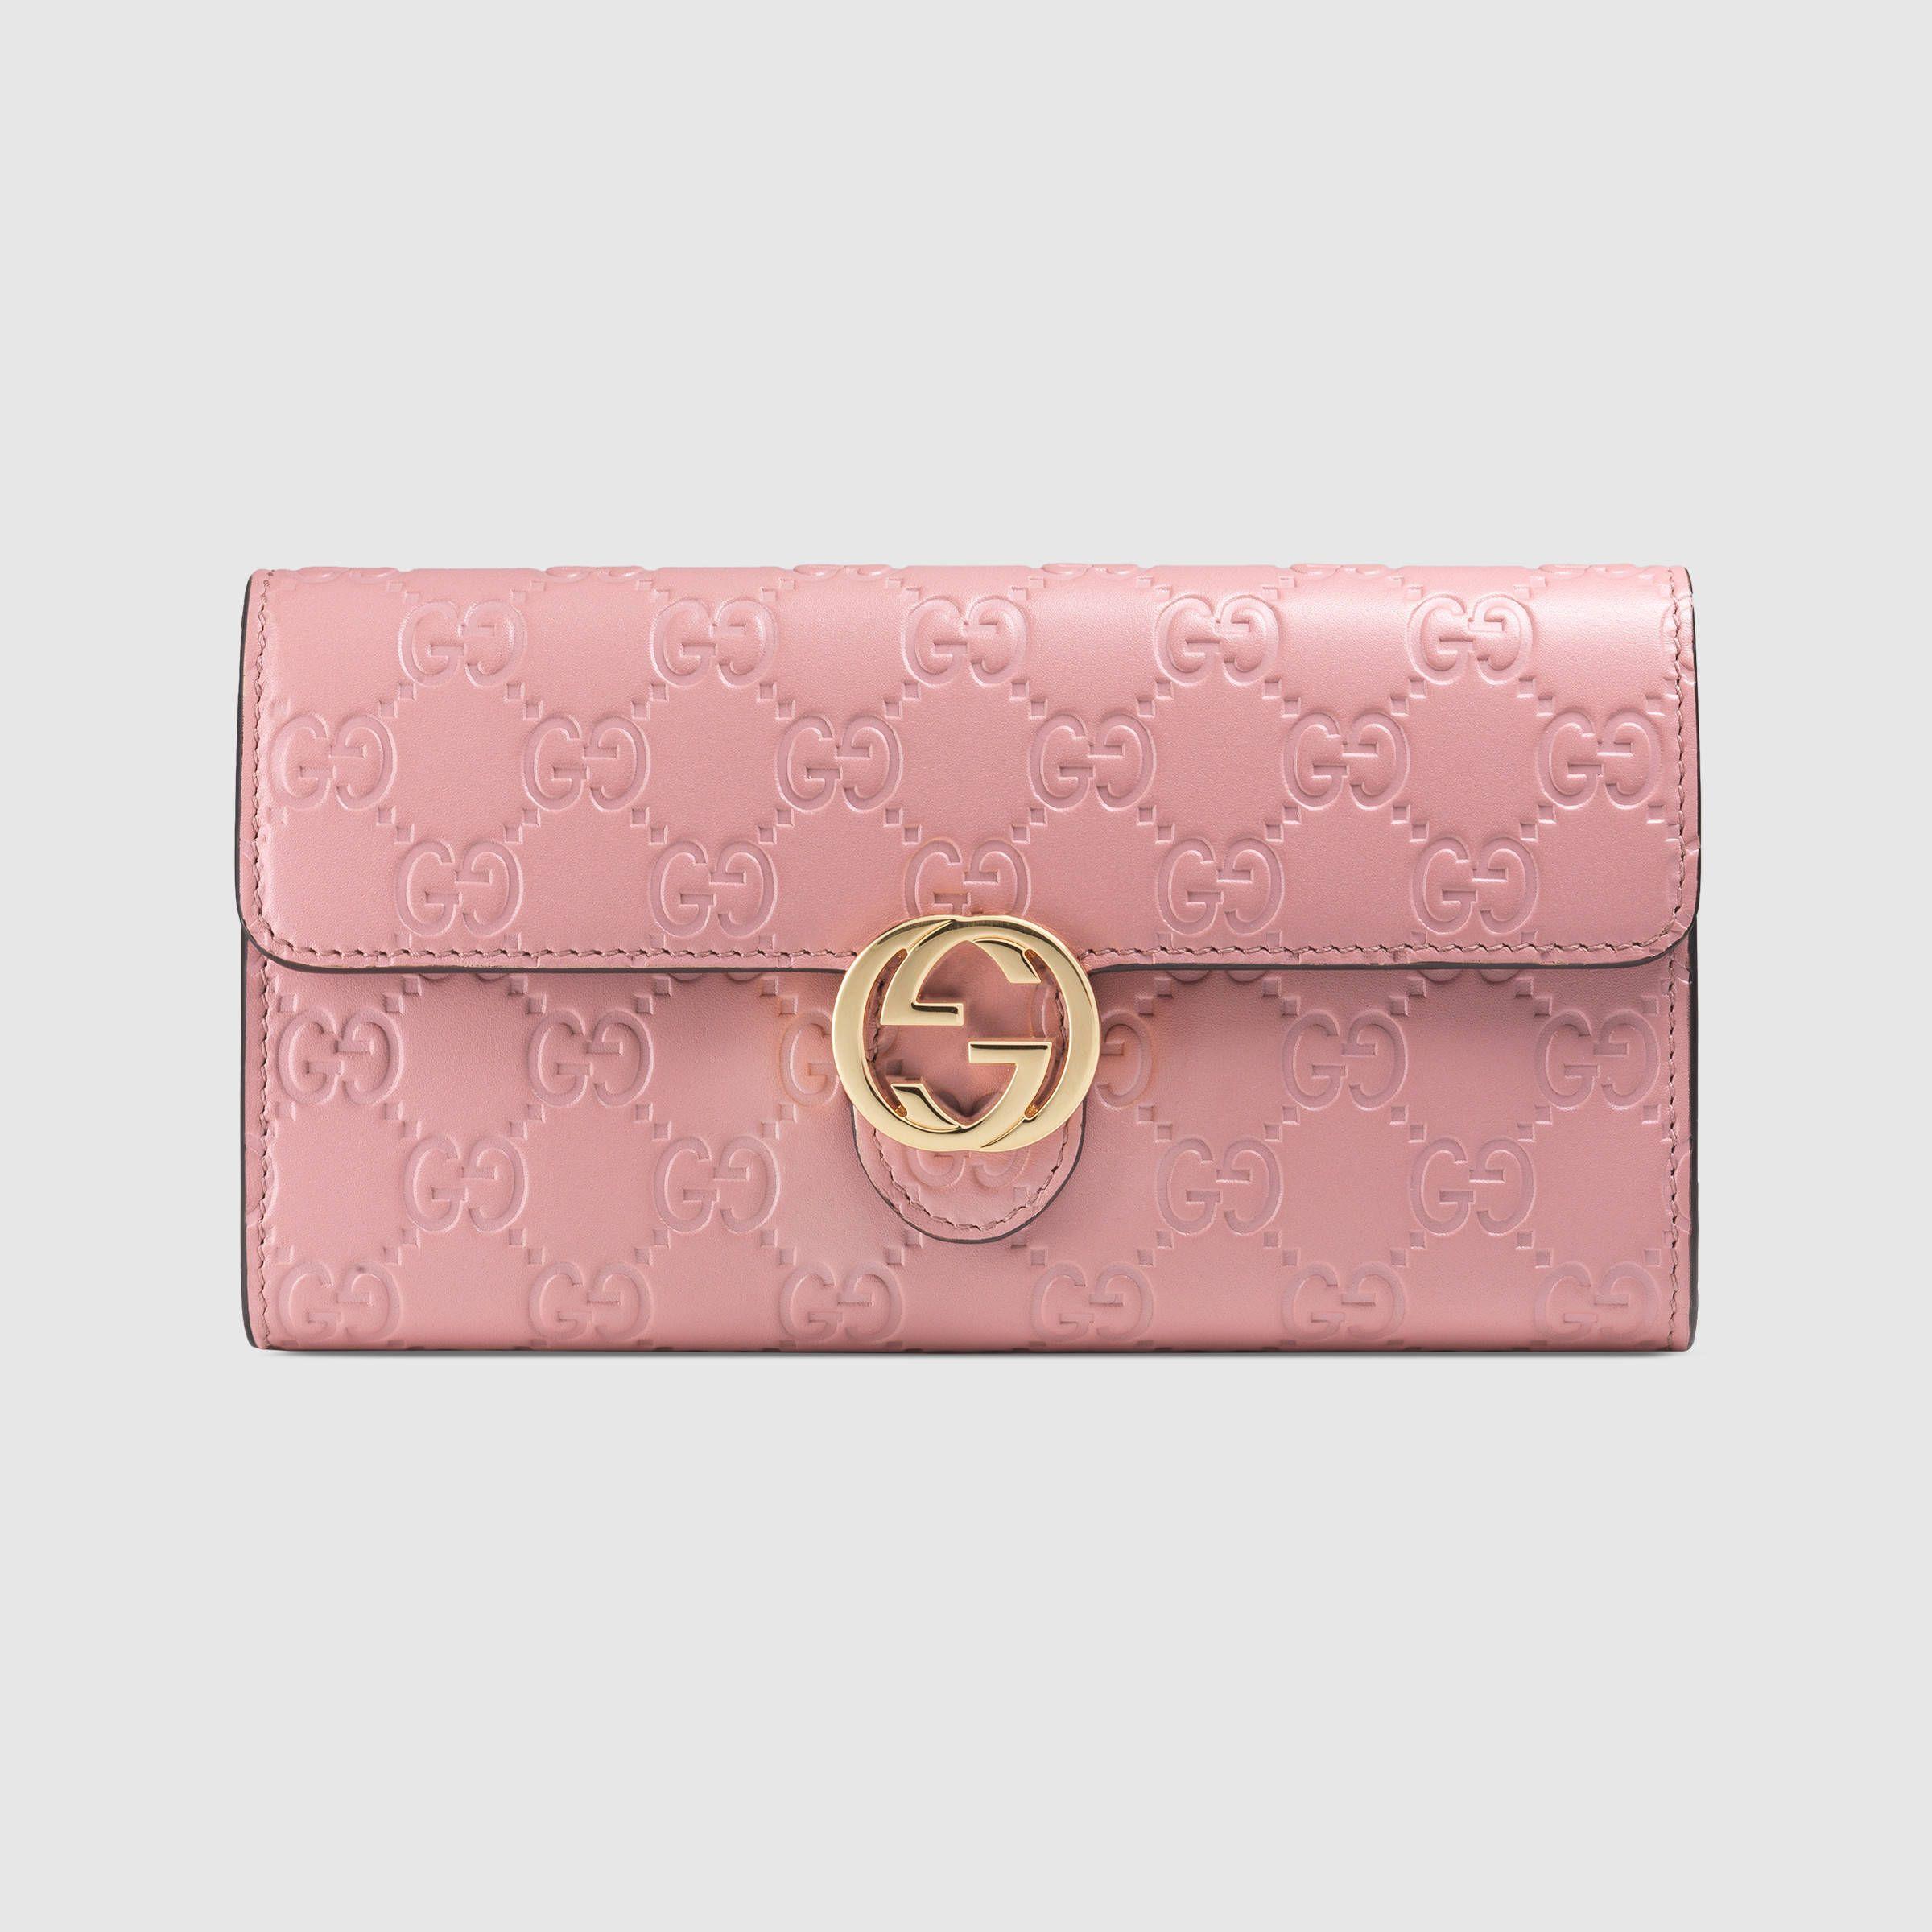 Gucci Icon Gucci Signature wallet